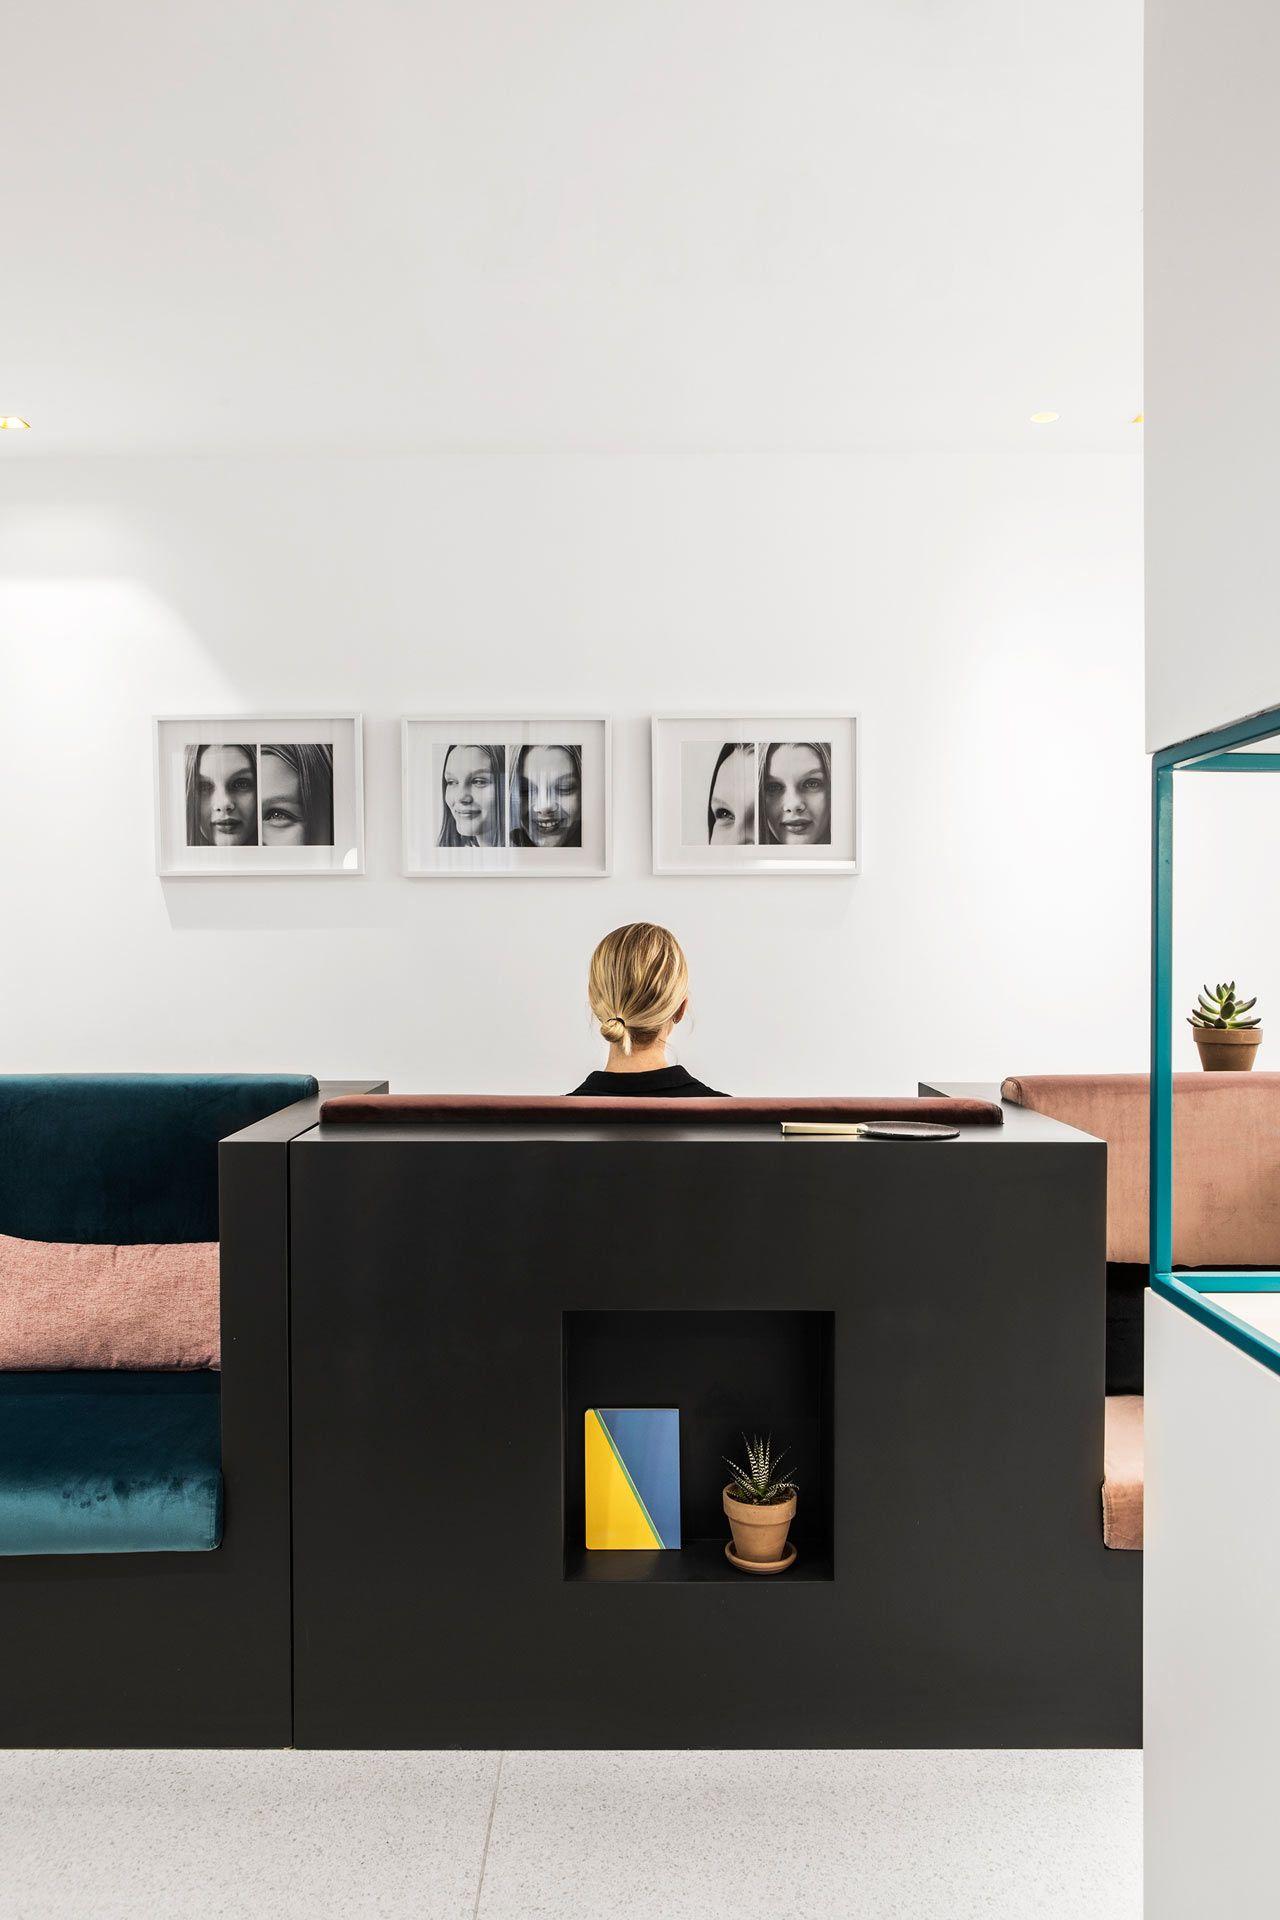 Maayan Zusman Designs a Modern Medical Office That Won't